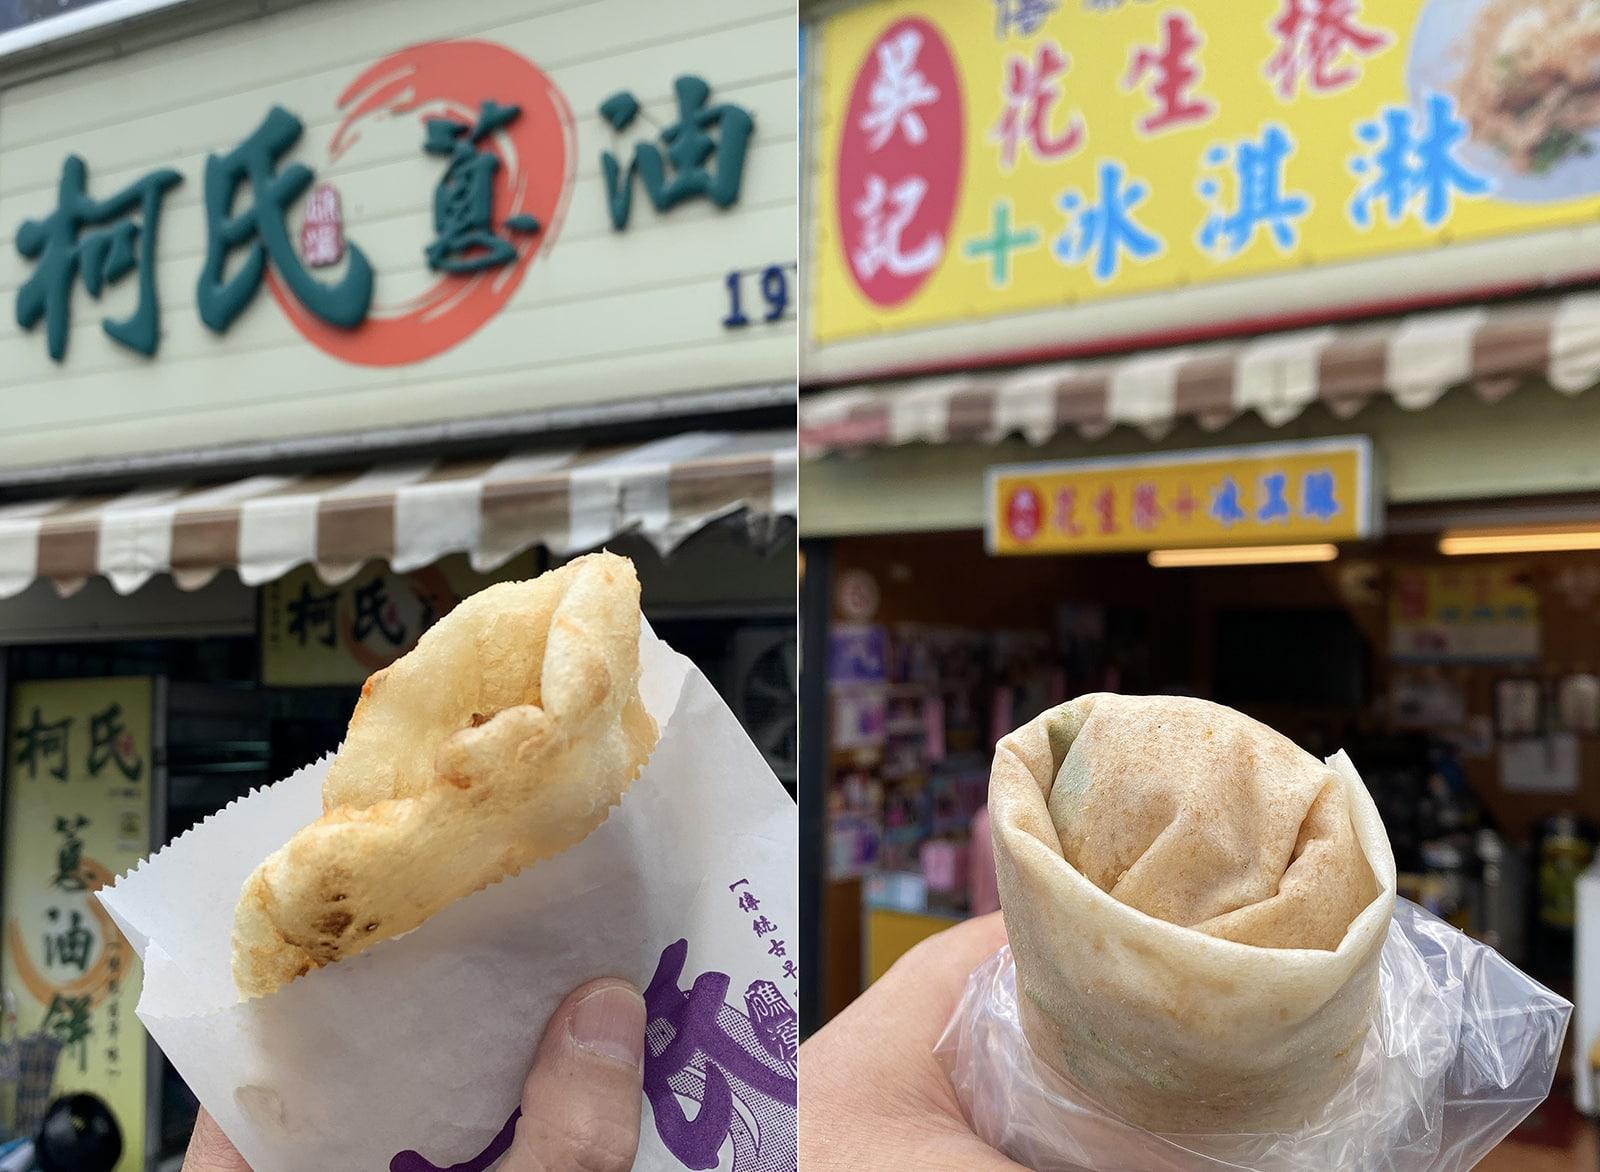 宜蘭礁溪美食-柯氏蔥油餅-吳記花生捲冰淇淋